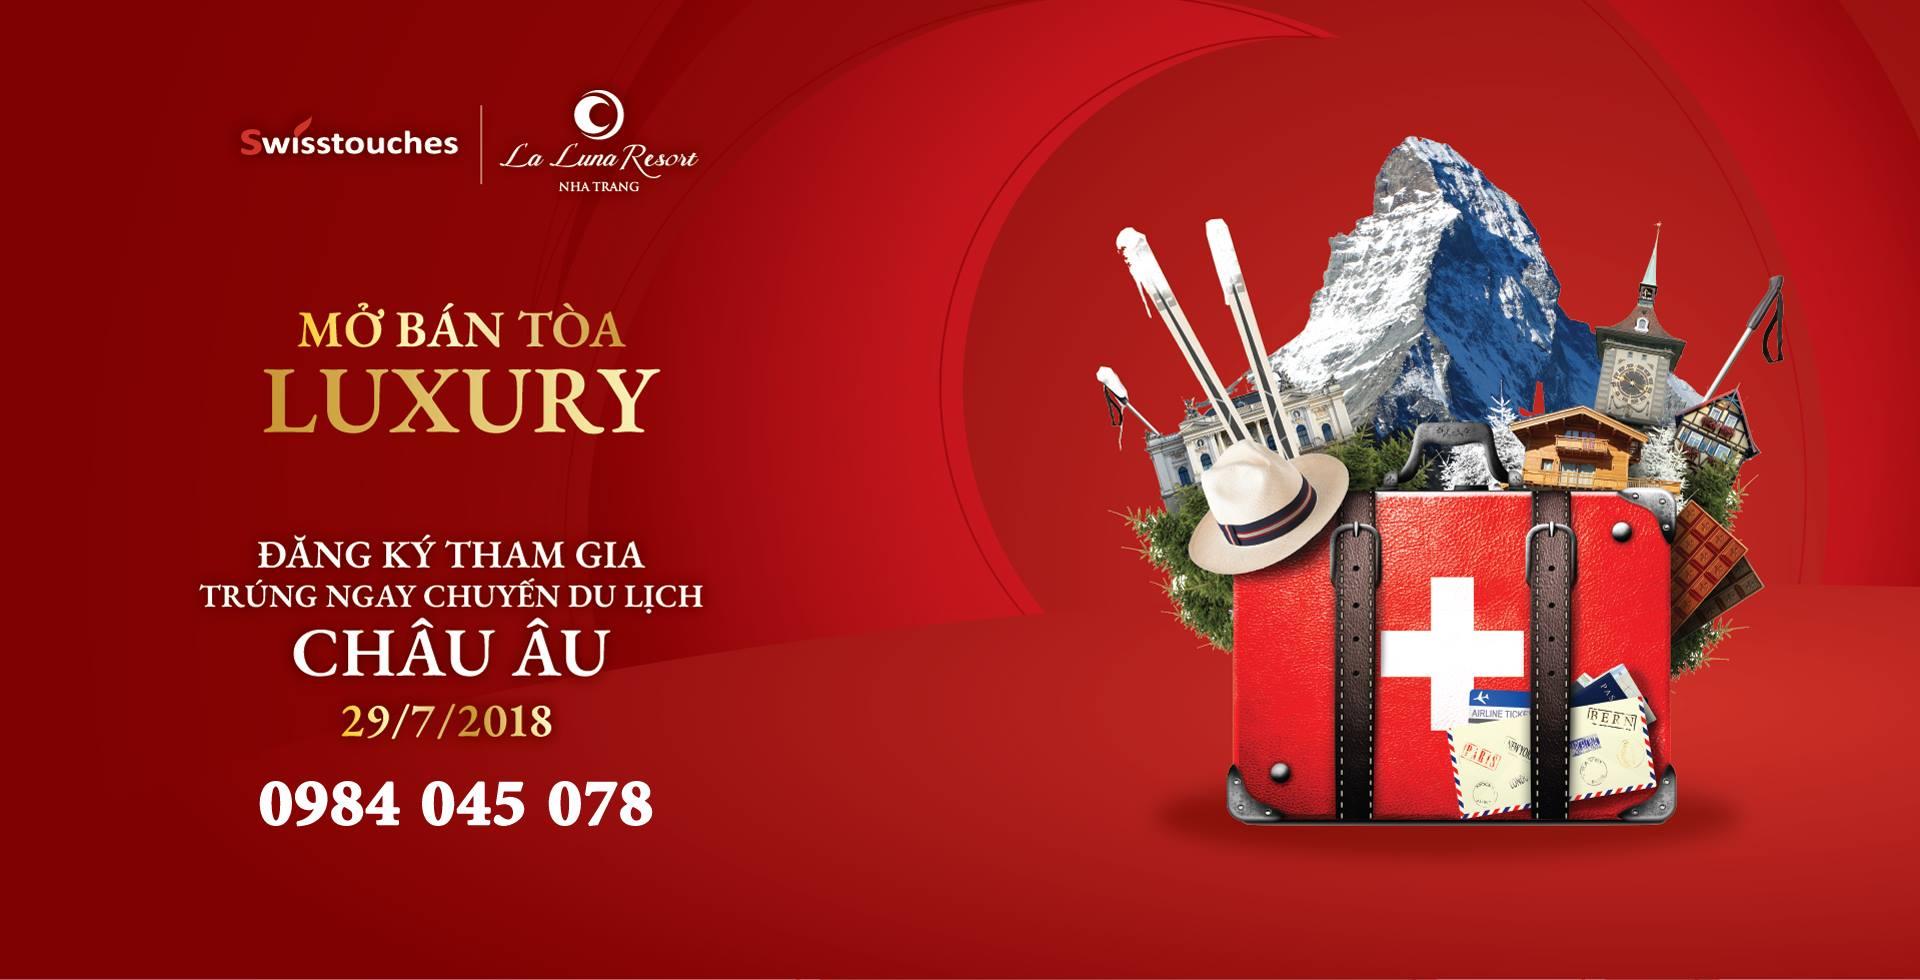 Swisstouches La Luna Resort